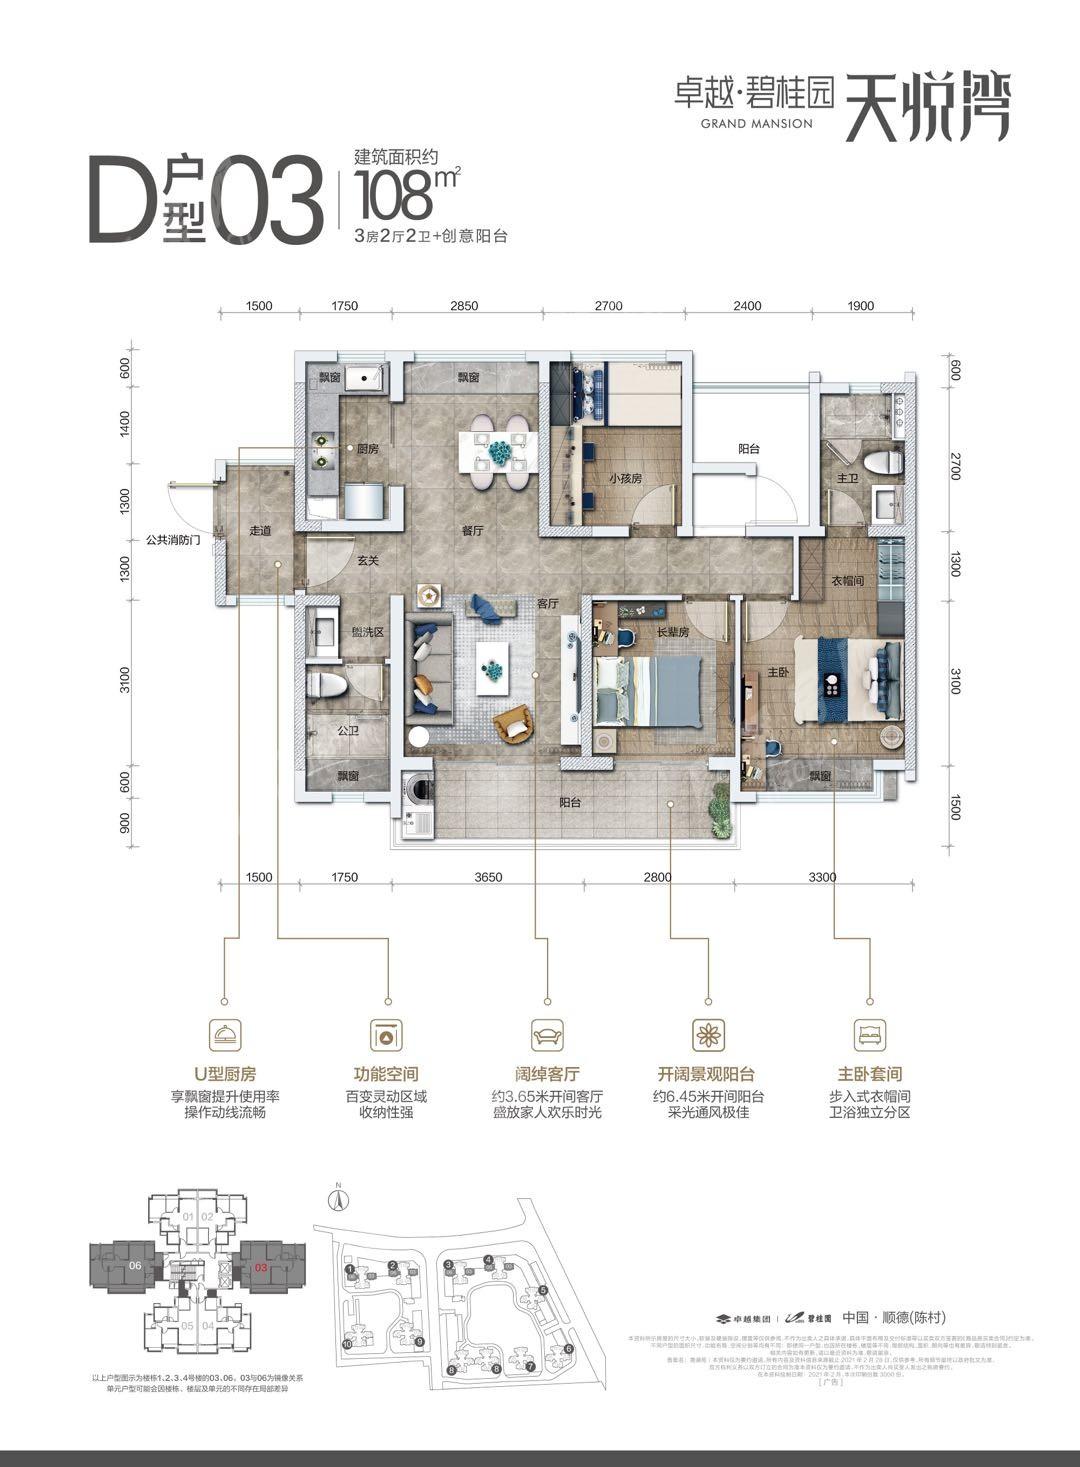 碧桂園天悅灣(新房)新房D戶型 3室2廳2衛戶型圖